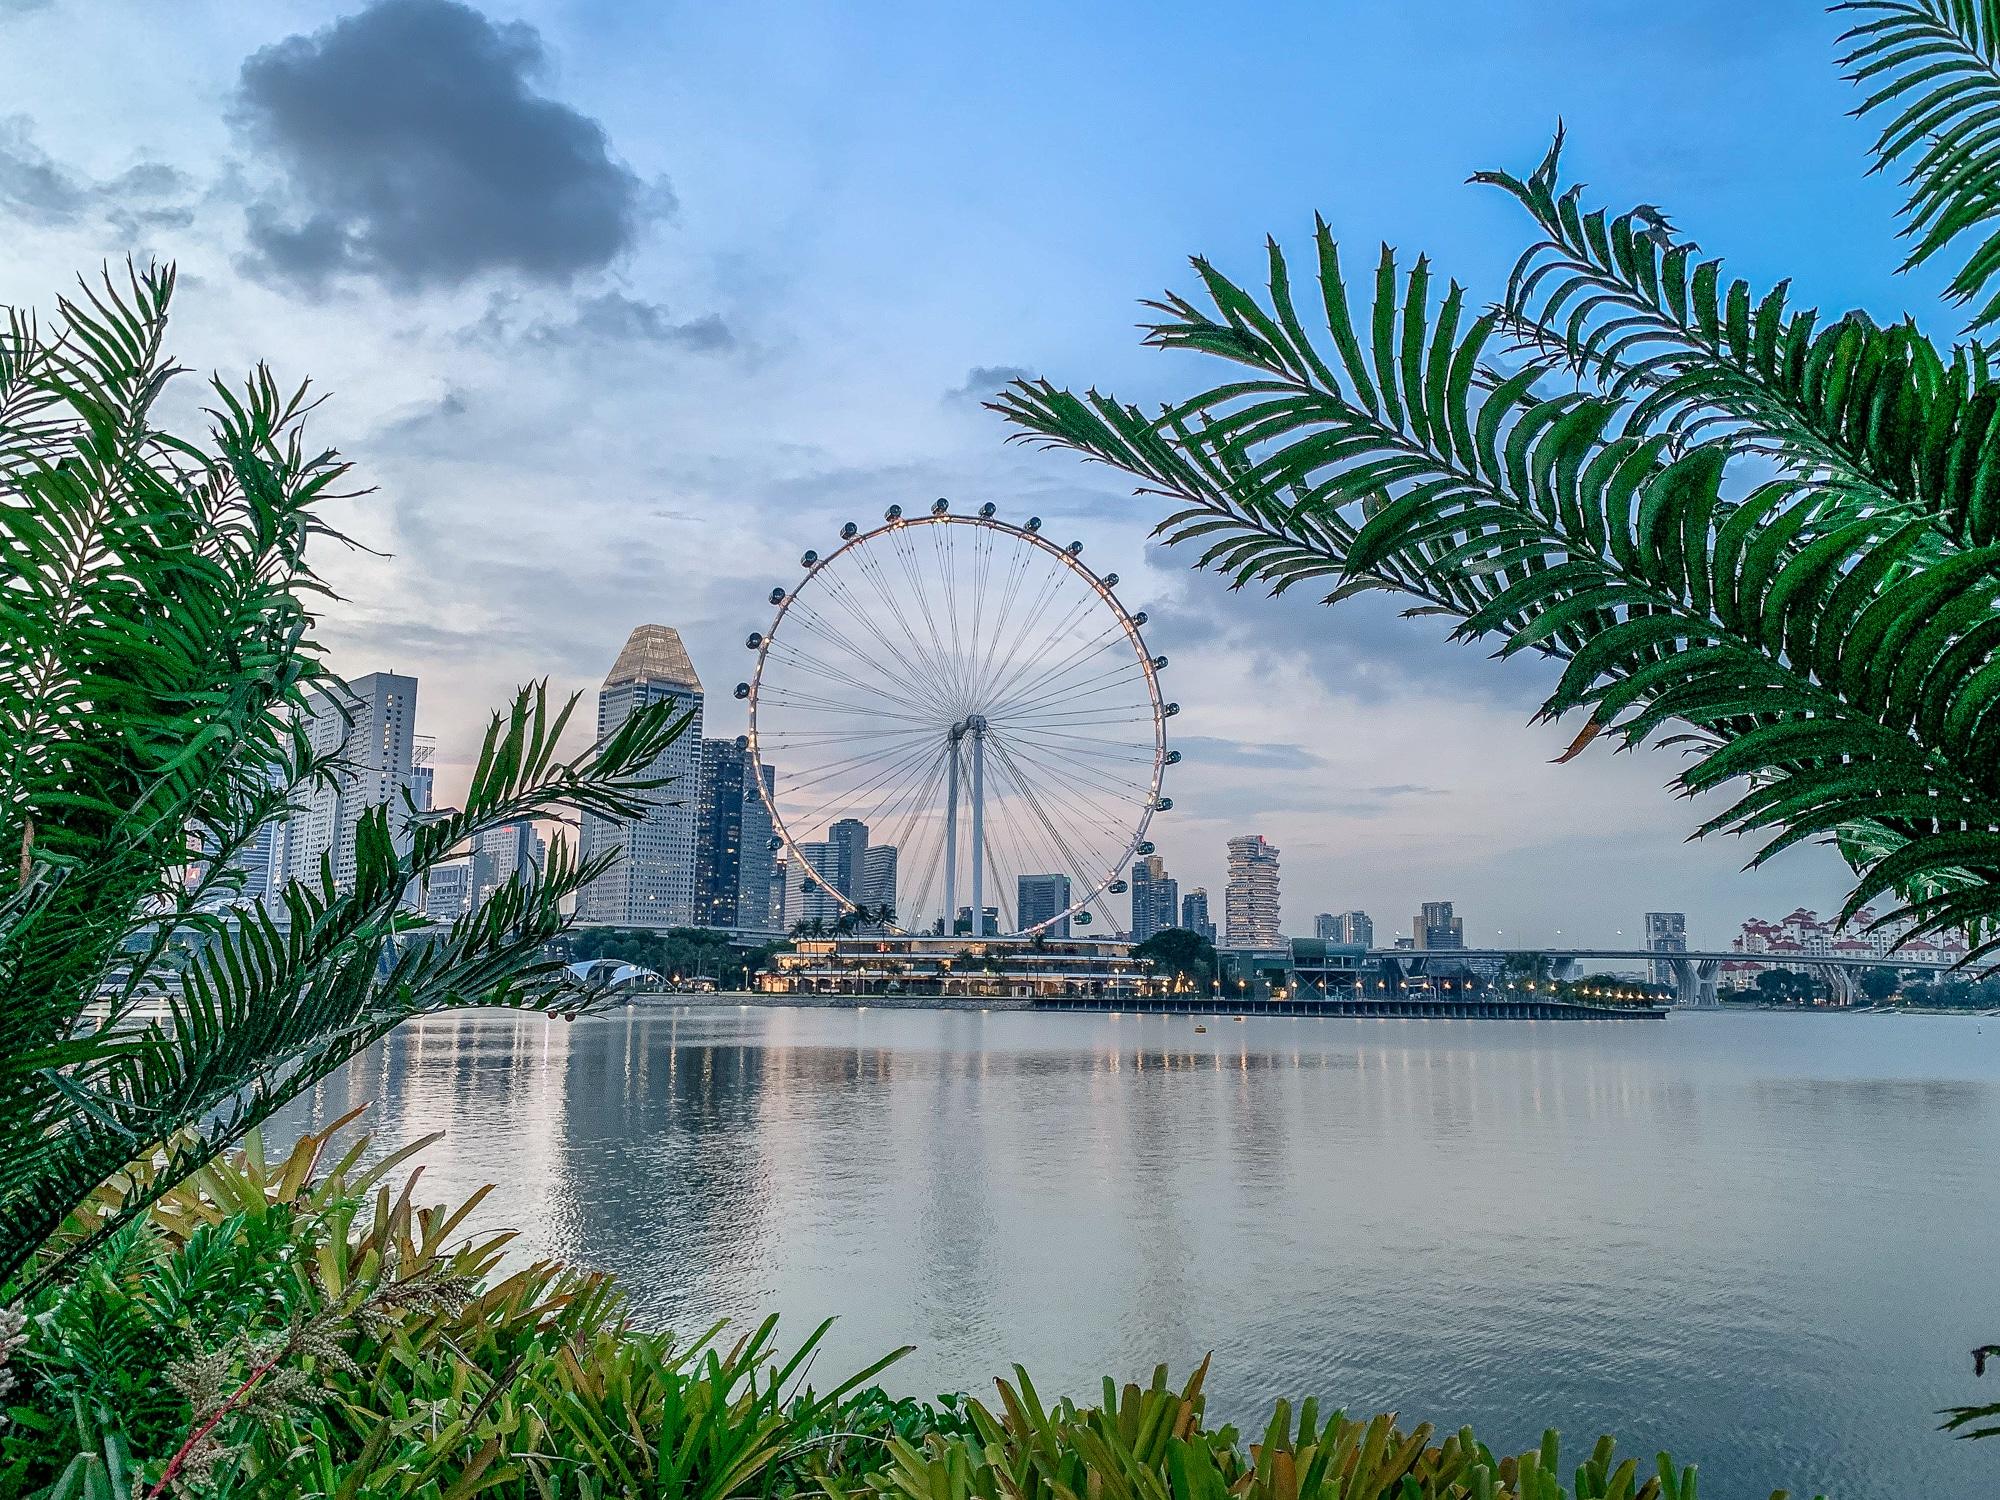 Gardens by the Bay: Sehenswürdigkeiten, Highlights und Eintrittspreise - Ausblick Singapore Flyer